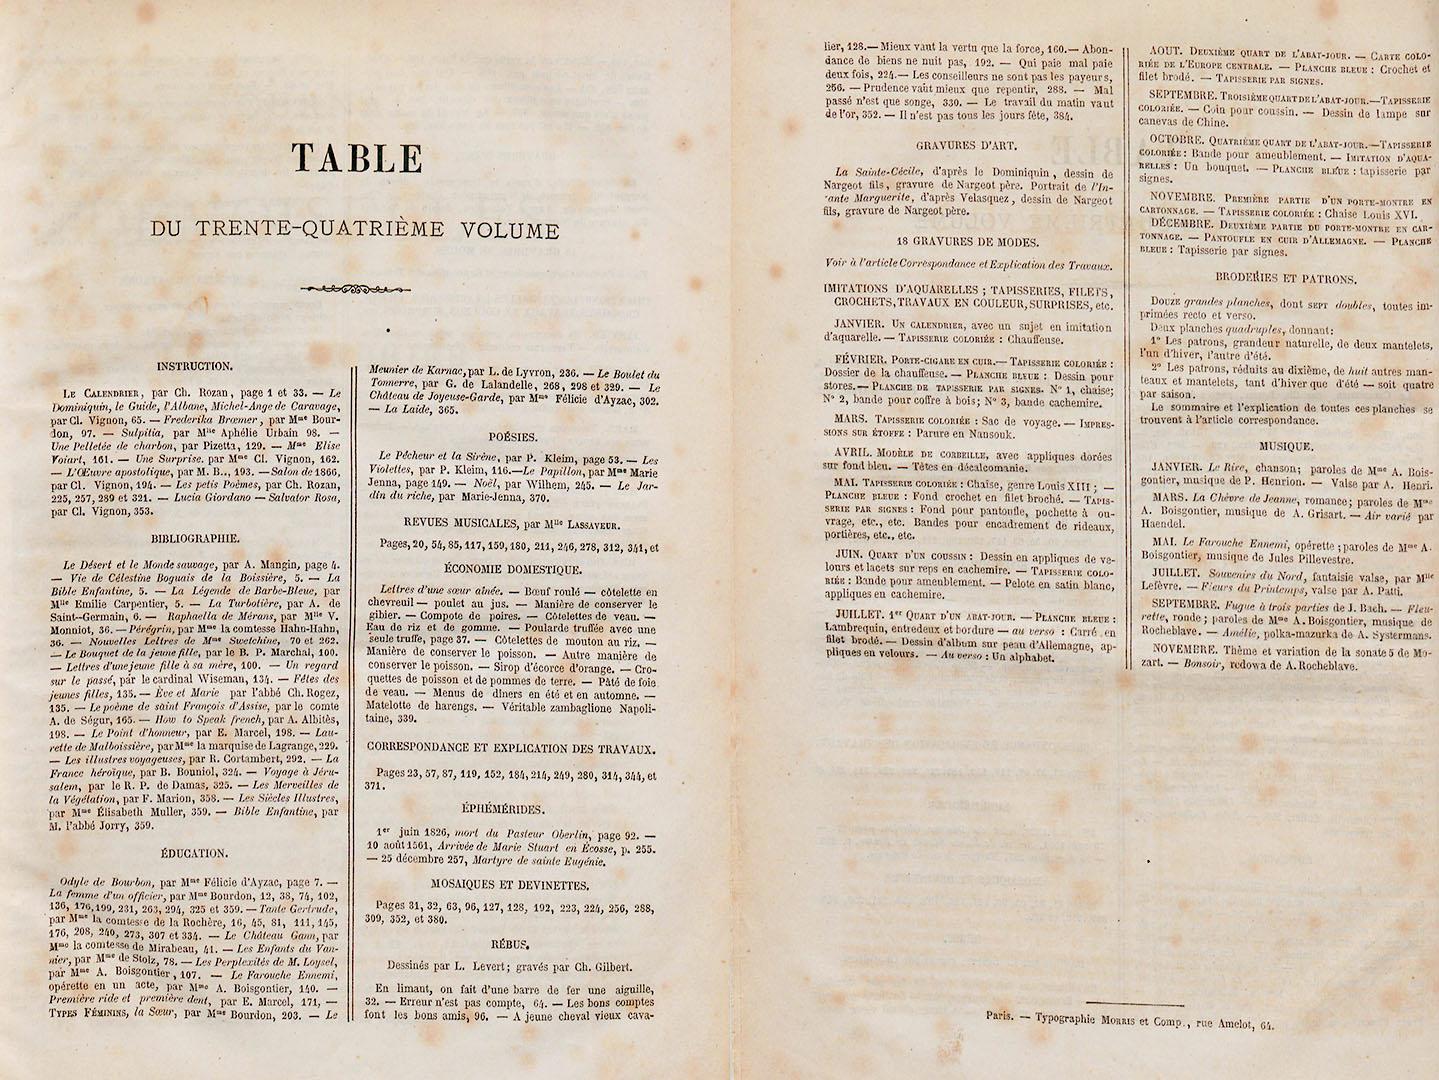 Table des matières du Journal des Demoiselles, vol. 1866